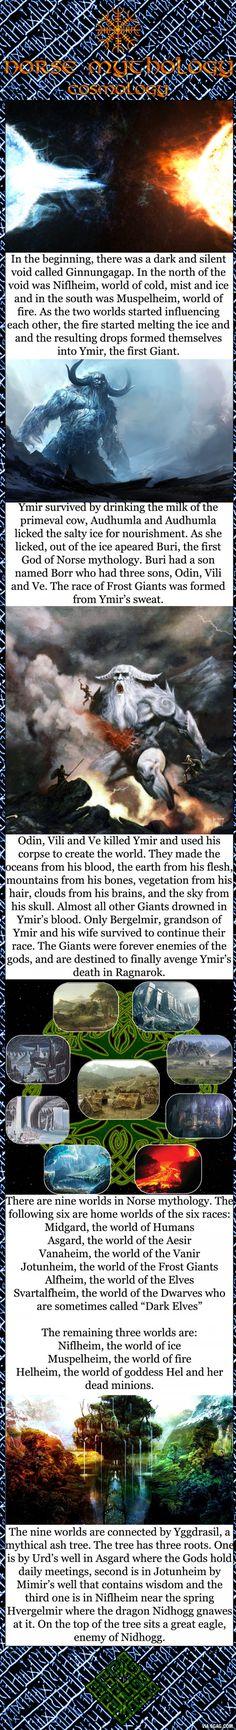 Norse mythology - Cosmology